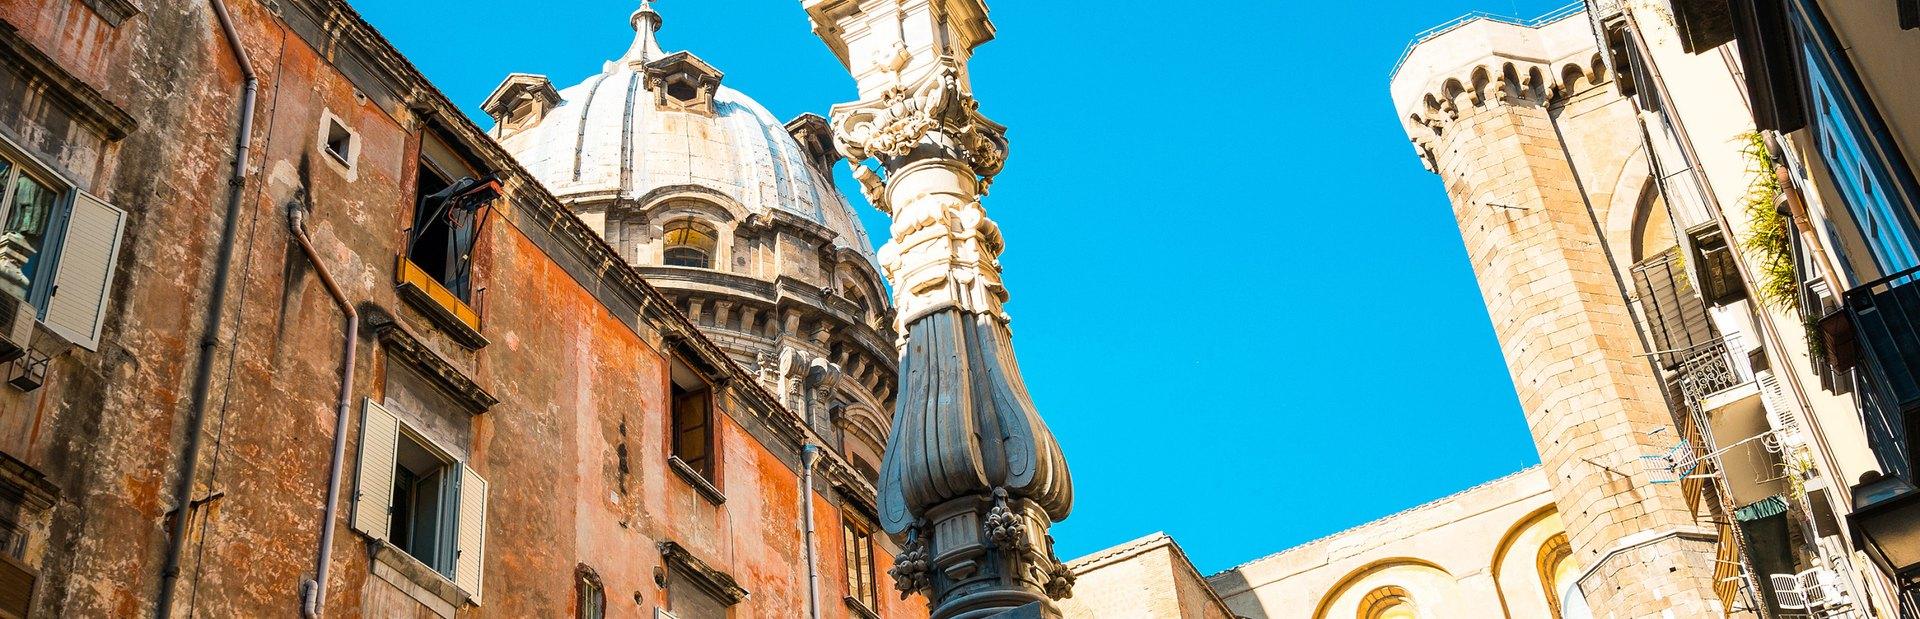 Naples climate photo